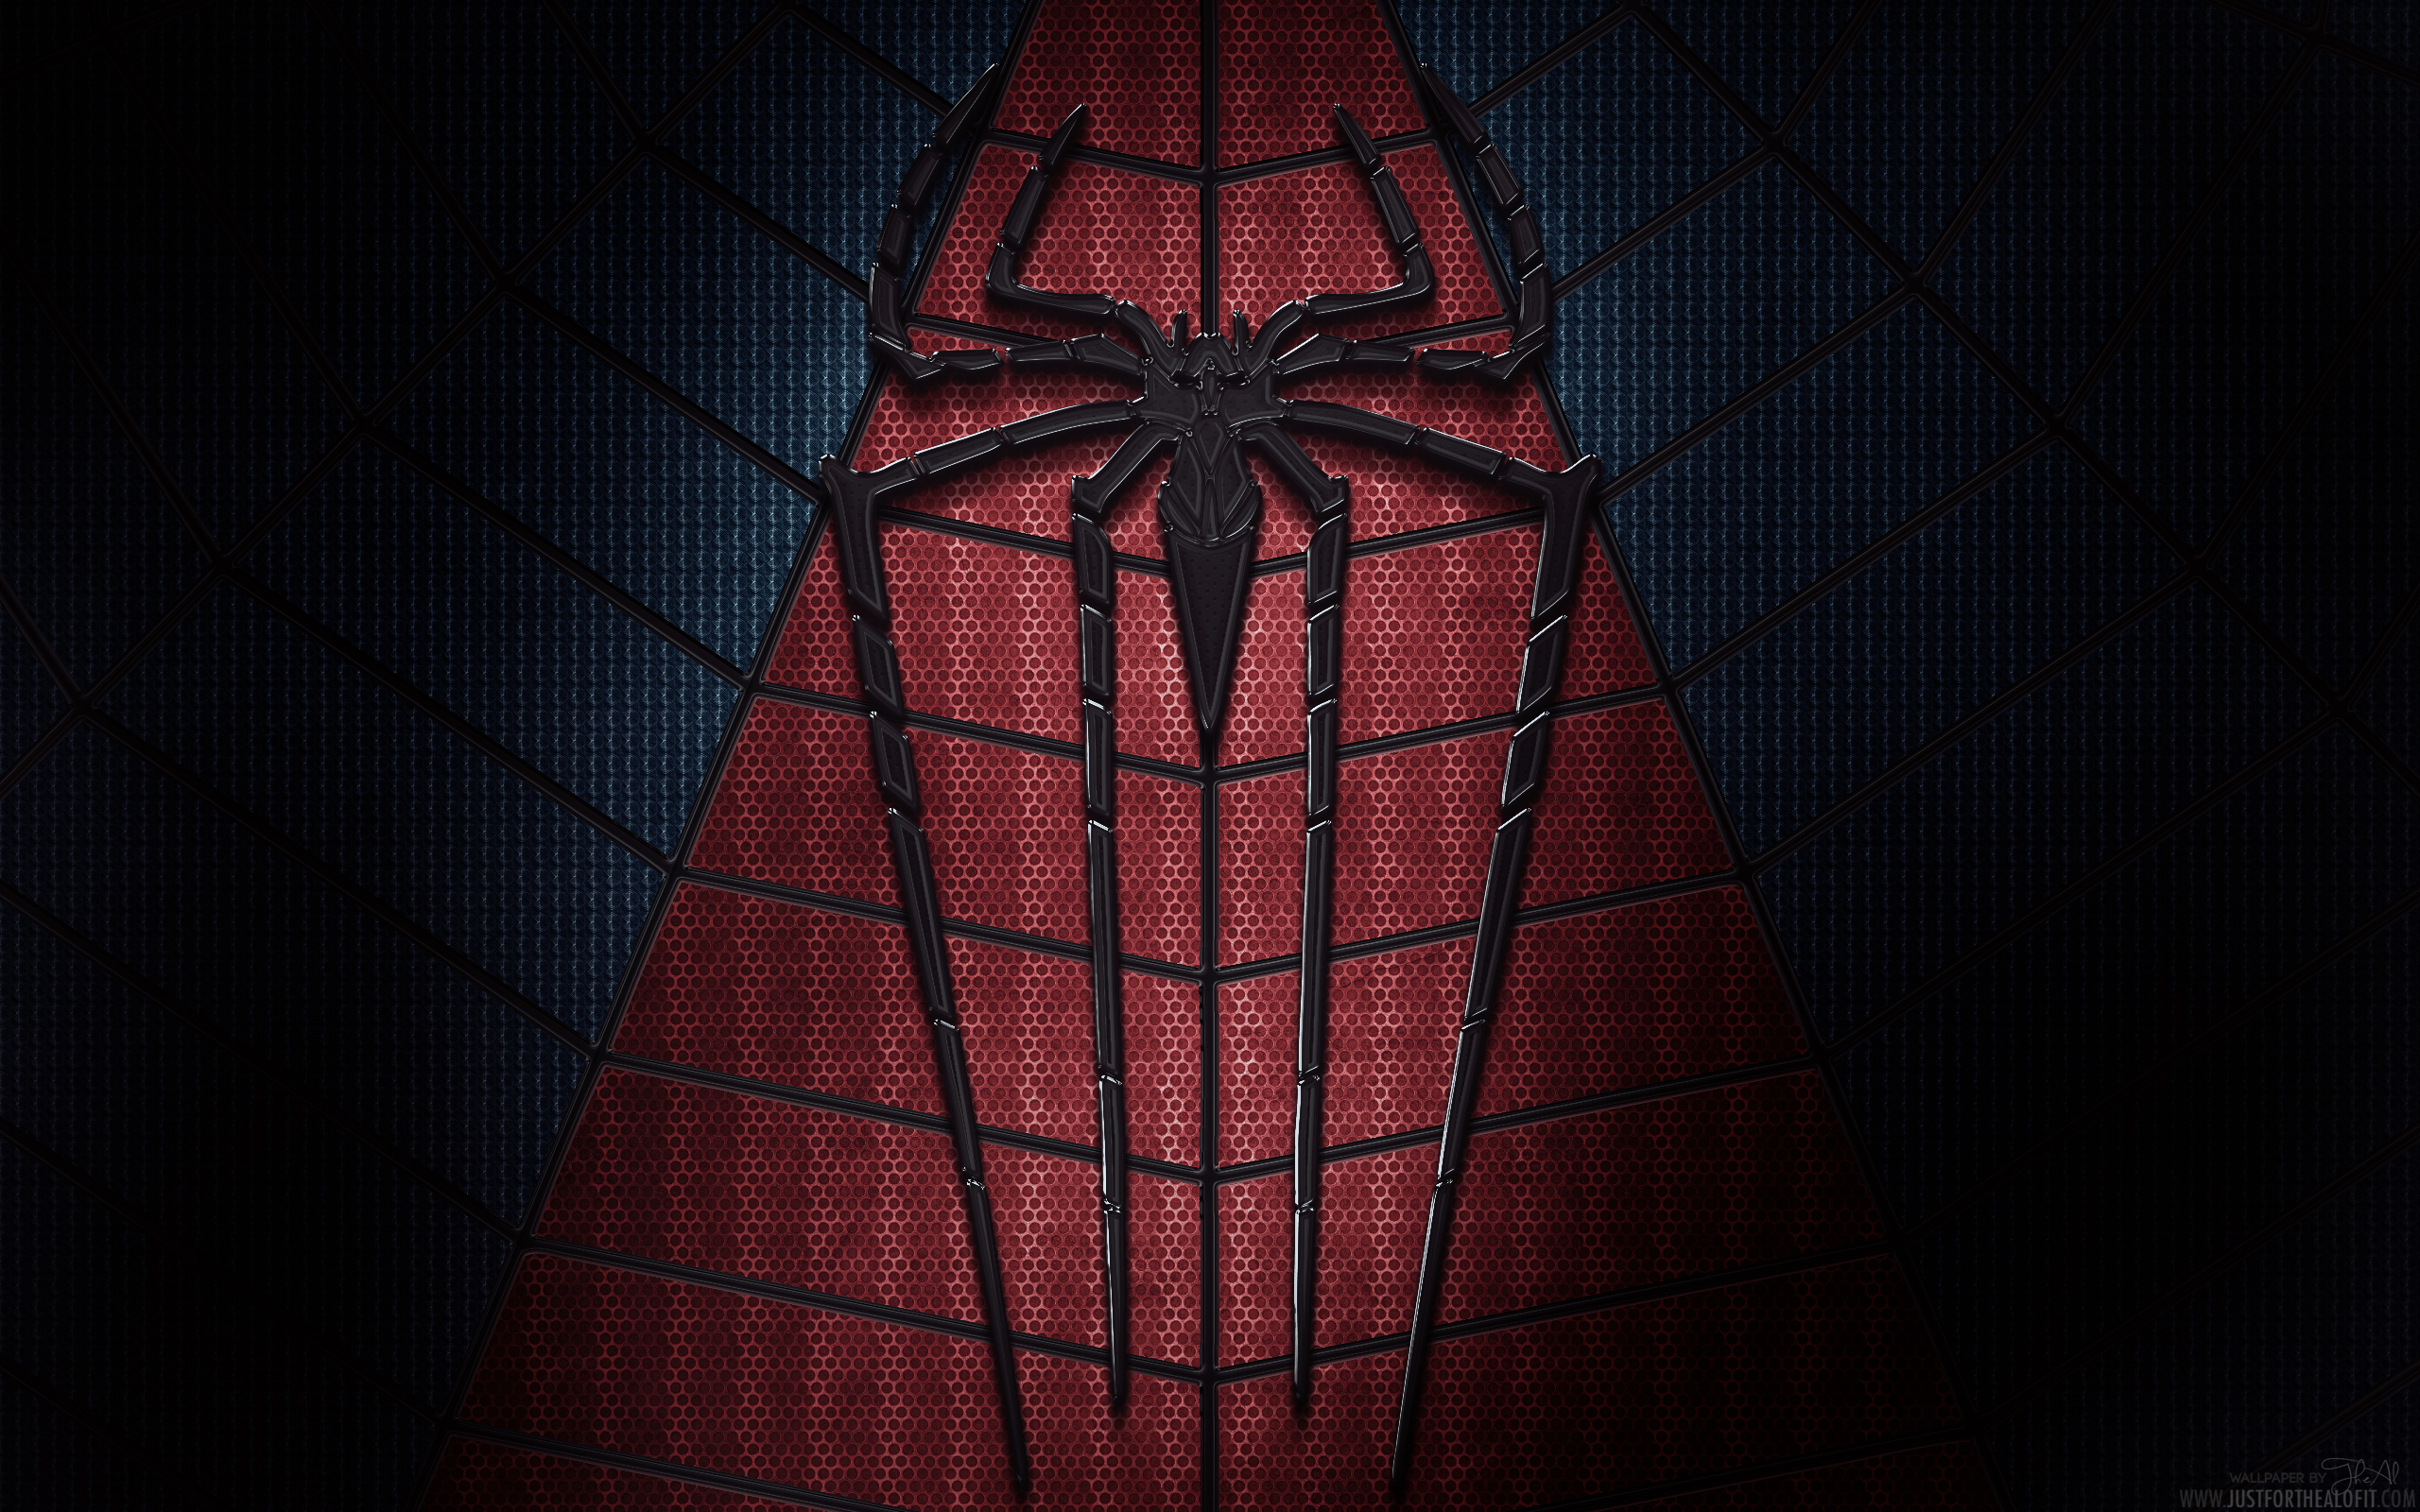 2014 spiderman movie